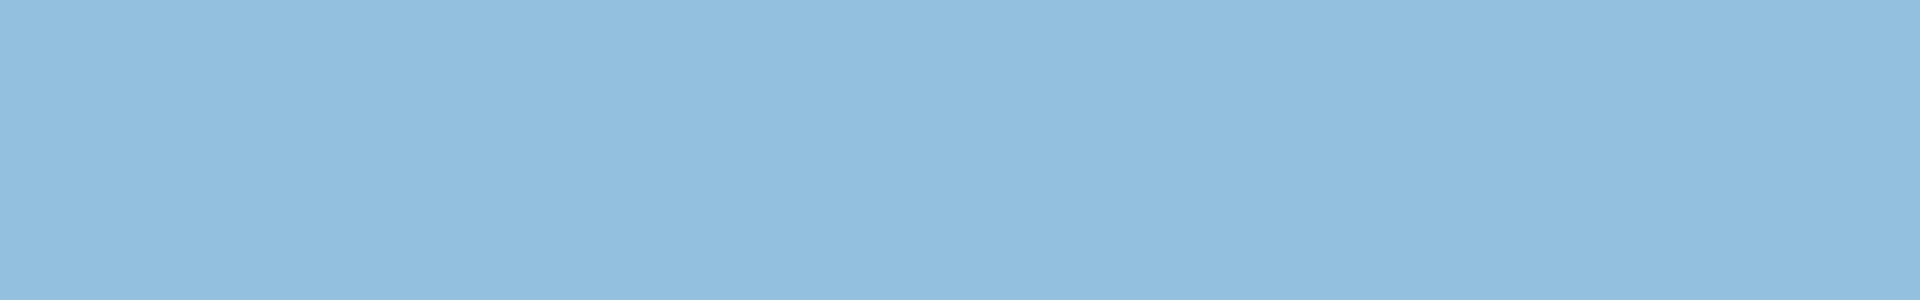 Light Blue Banner